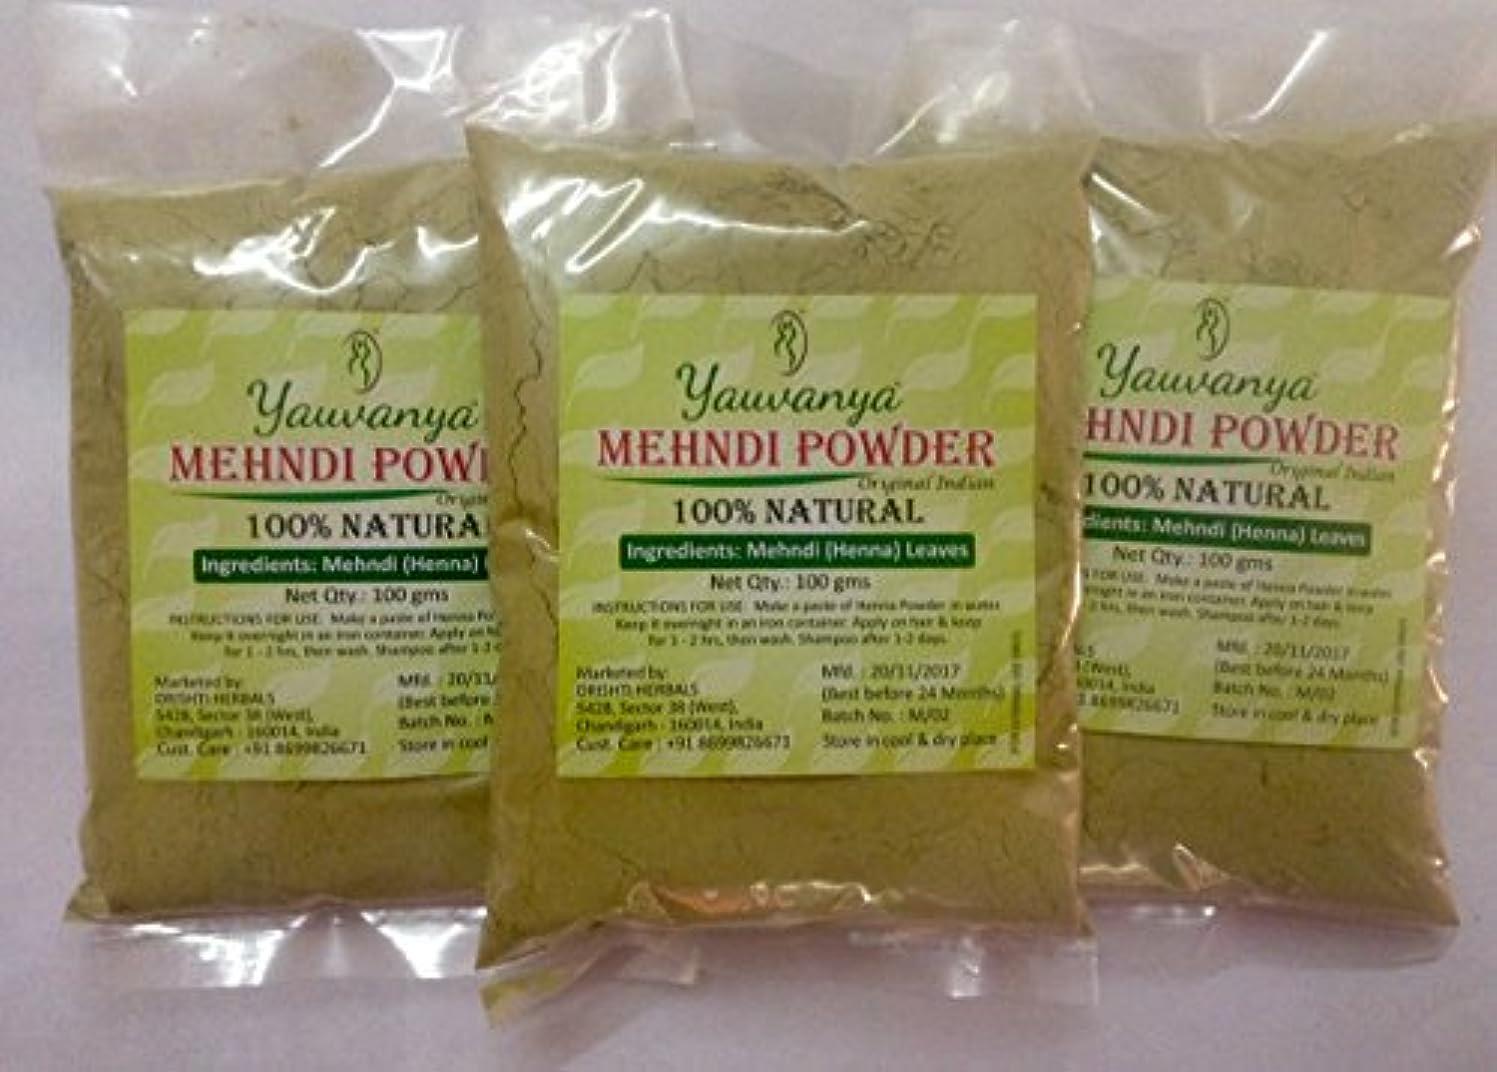 浸す昨日篭Yauvanyaオリジナルインディアンピュア&ナチュラルヘナ(Mehndi)for Hair - 3X100 gms (Yauvanya Original Indian Pure and Natural Henna (Mehndi...